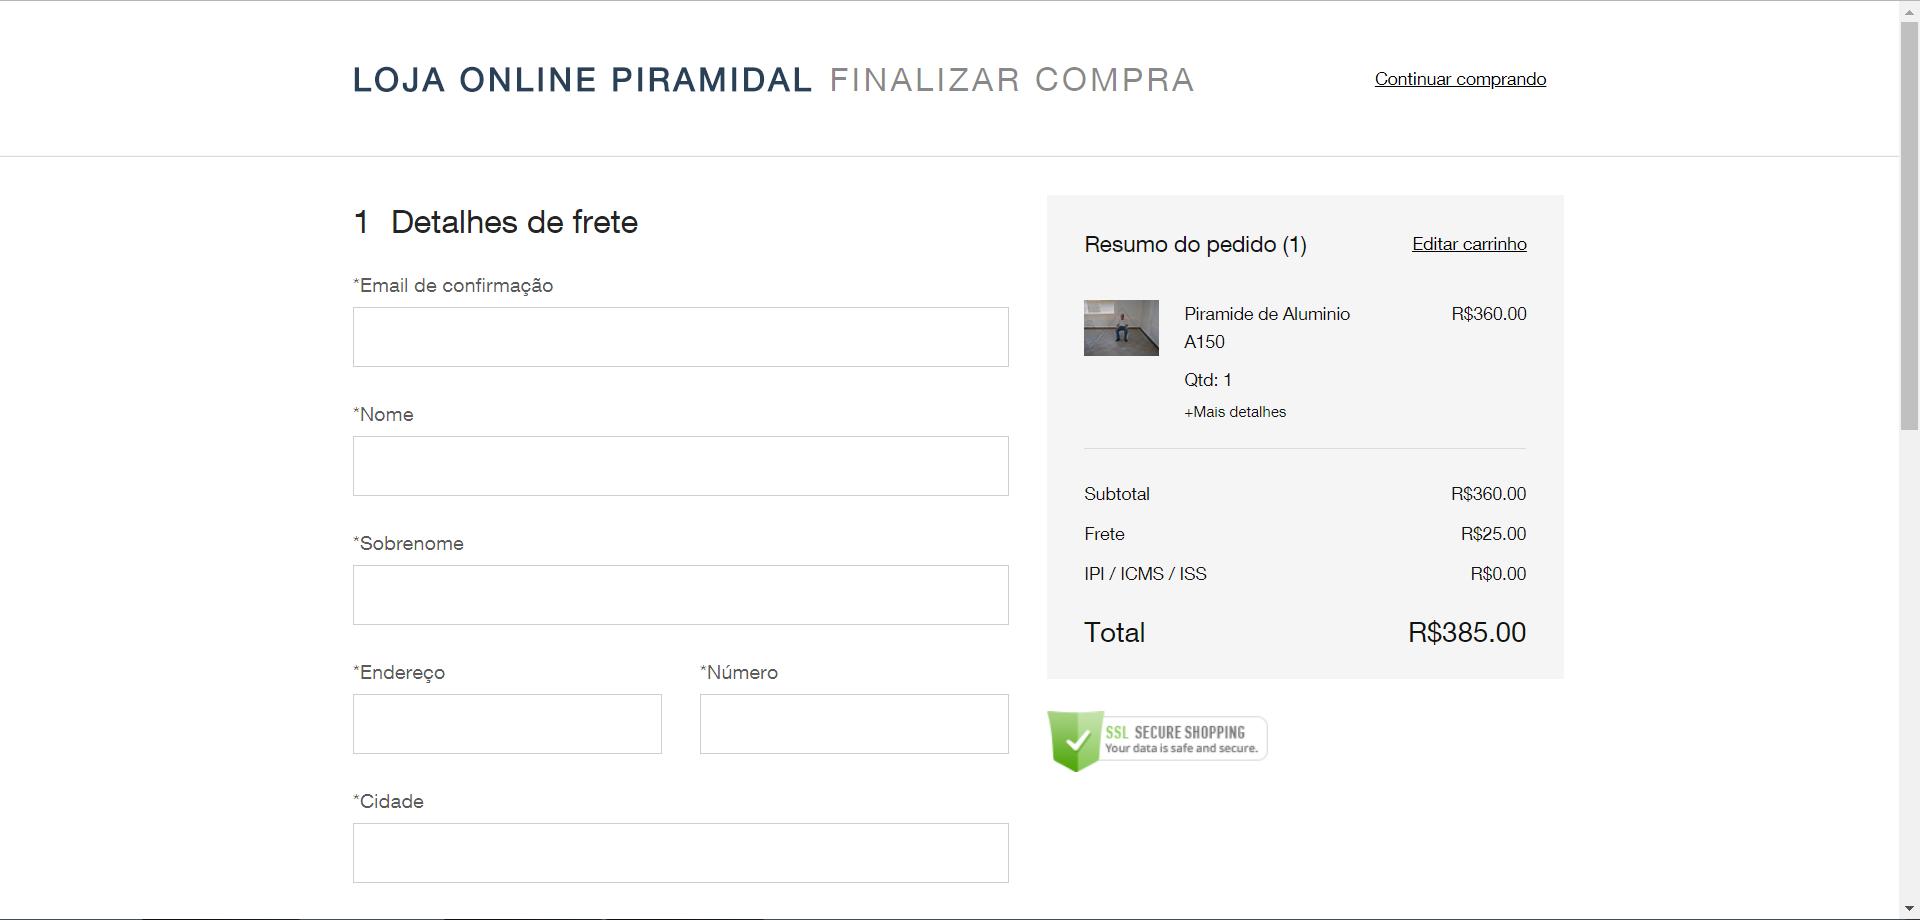 c435eb20b47b 5 • Após clicar no botão Finalizar Compra abrirá outra página para  confirmar seus dados: email, Nome, Endereço para entrega, etc.